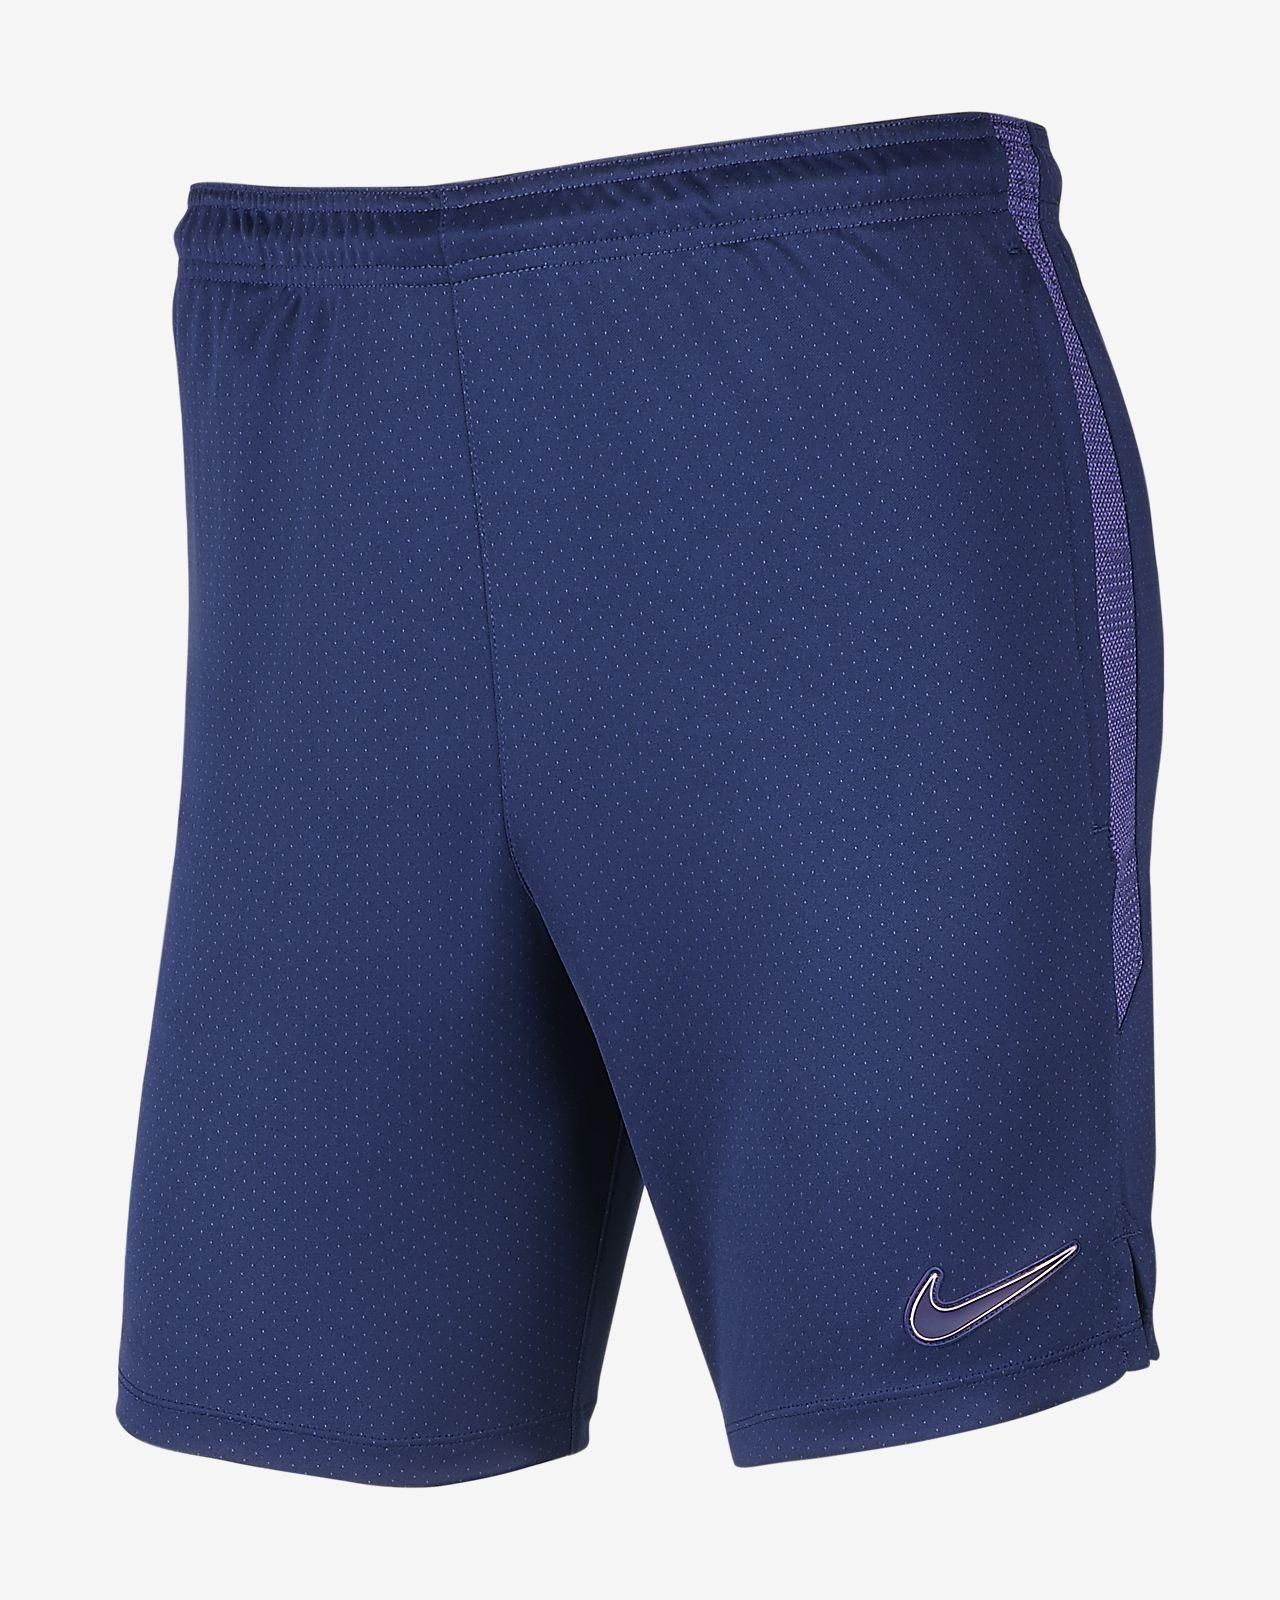 Fotbollsshorts Nike Dri-FIT Tottenham Hotspur för män